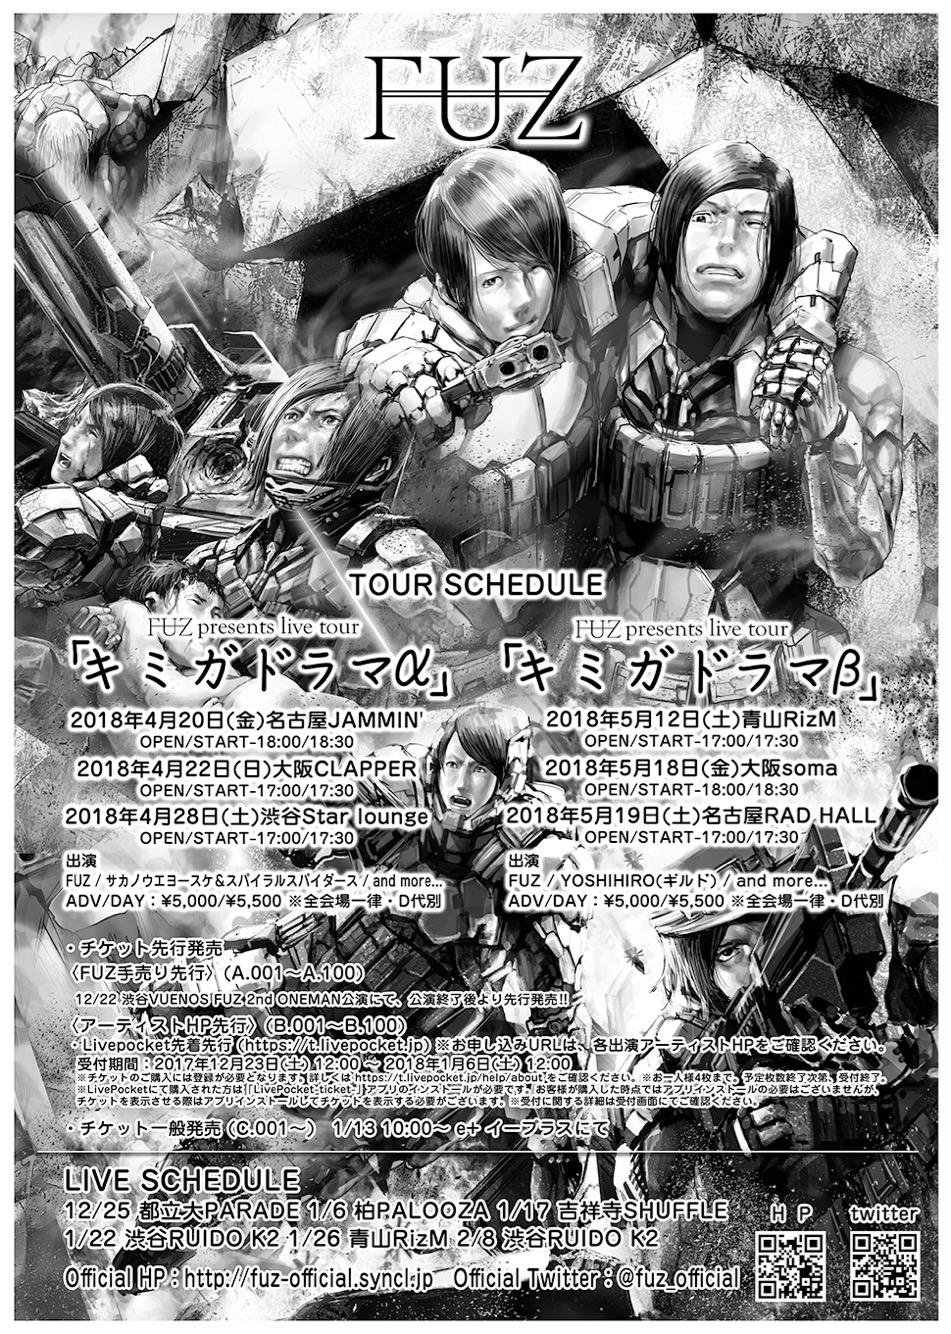 FUZ presents live tour「キミガドラマ β」